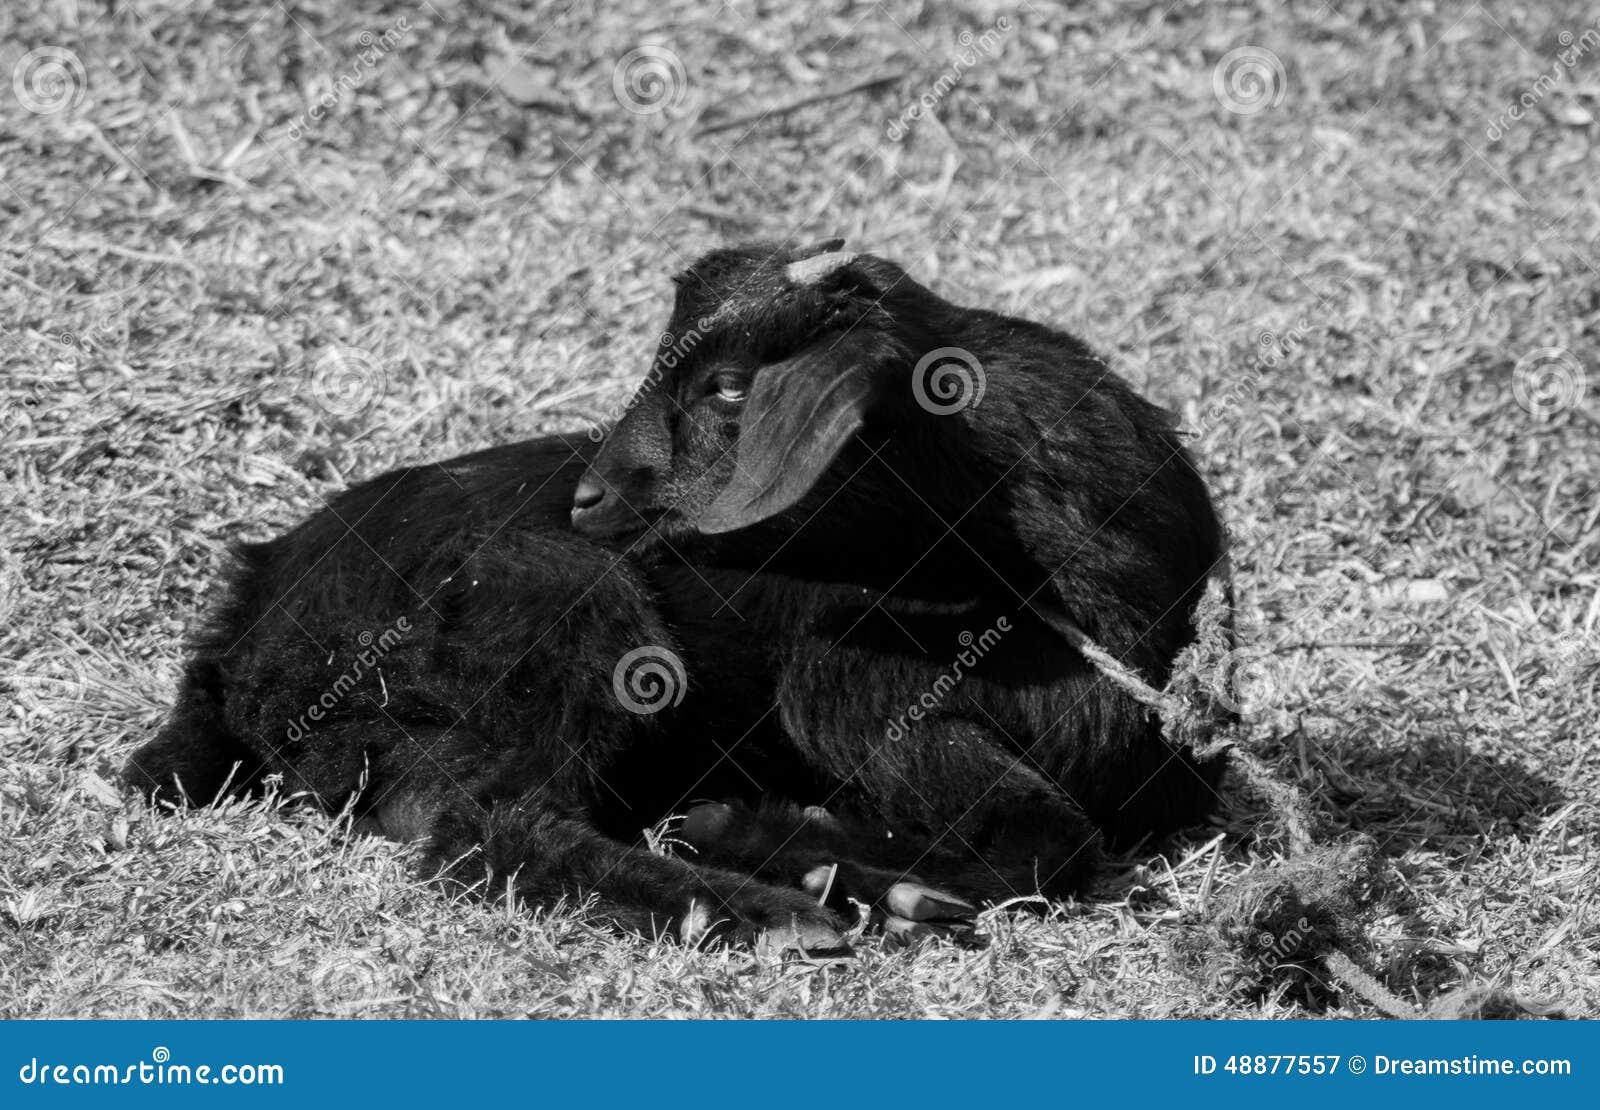 Tiro blanco y negro de la cabra negra